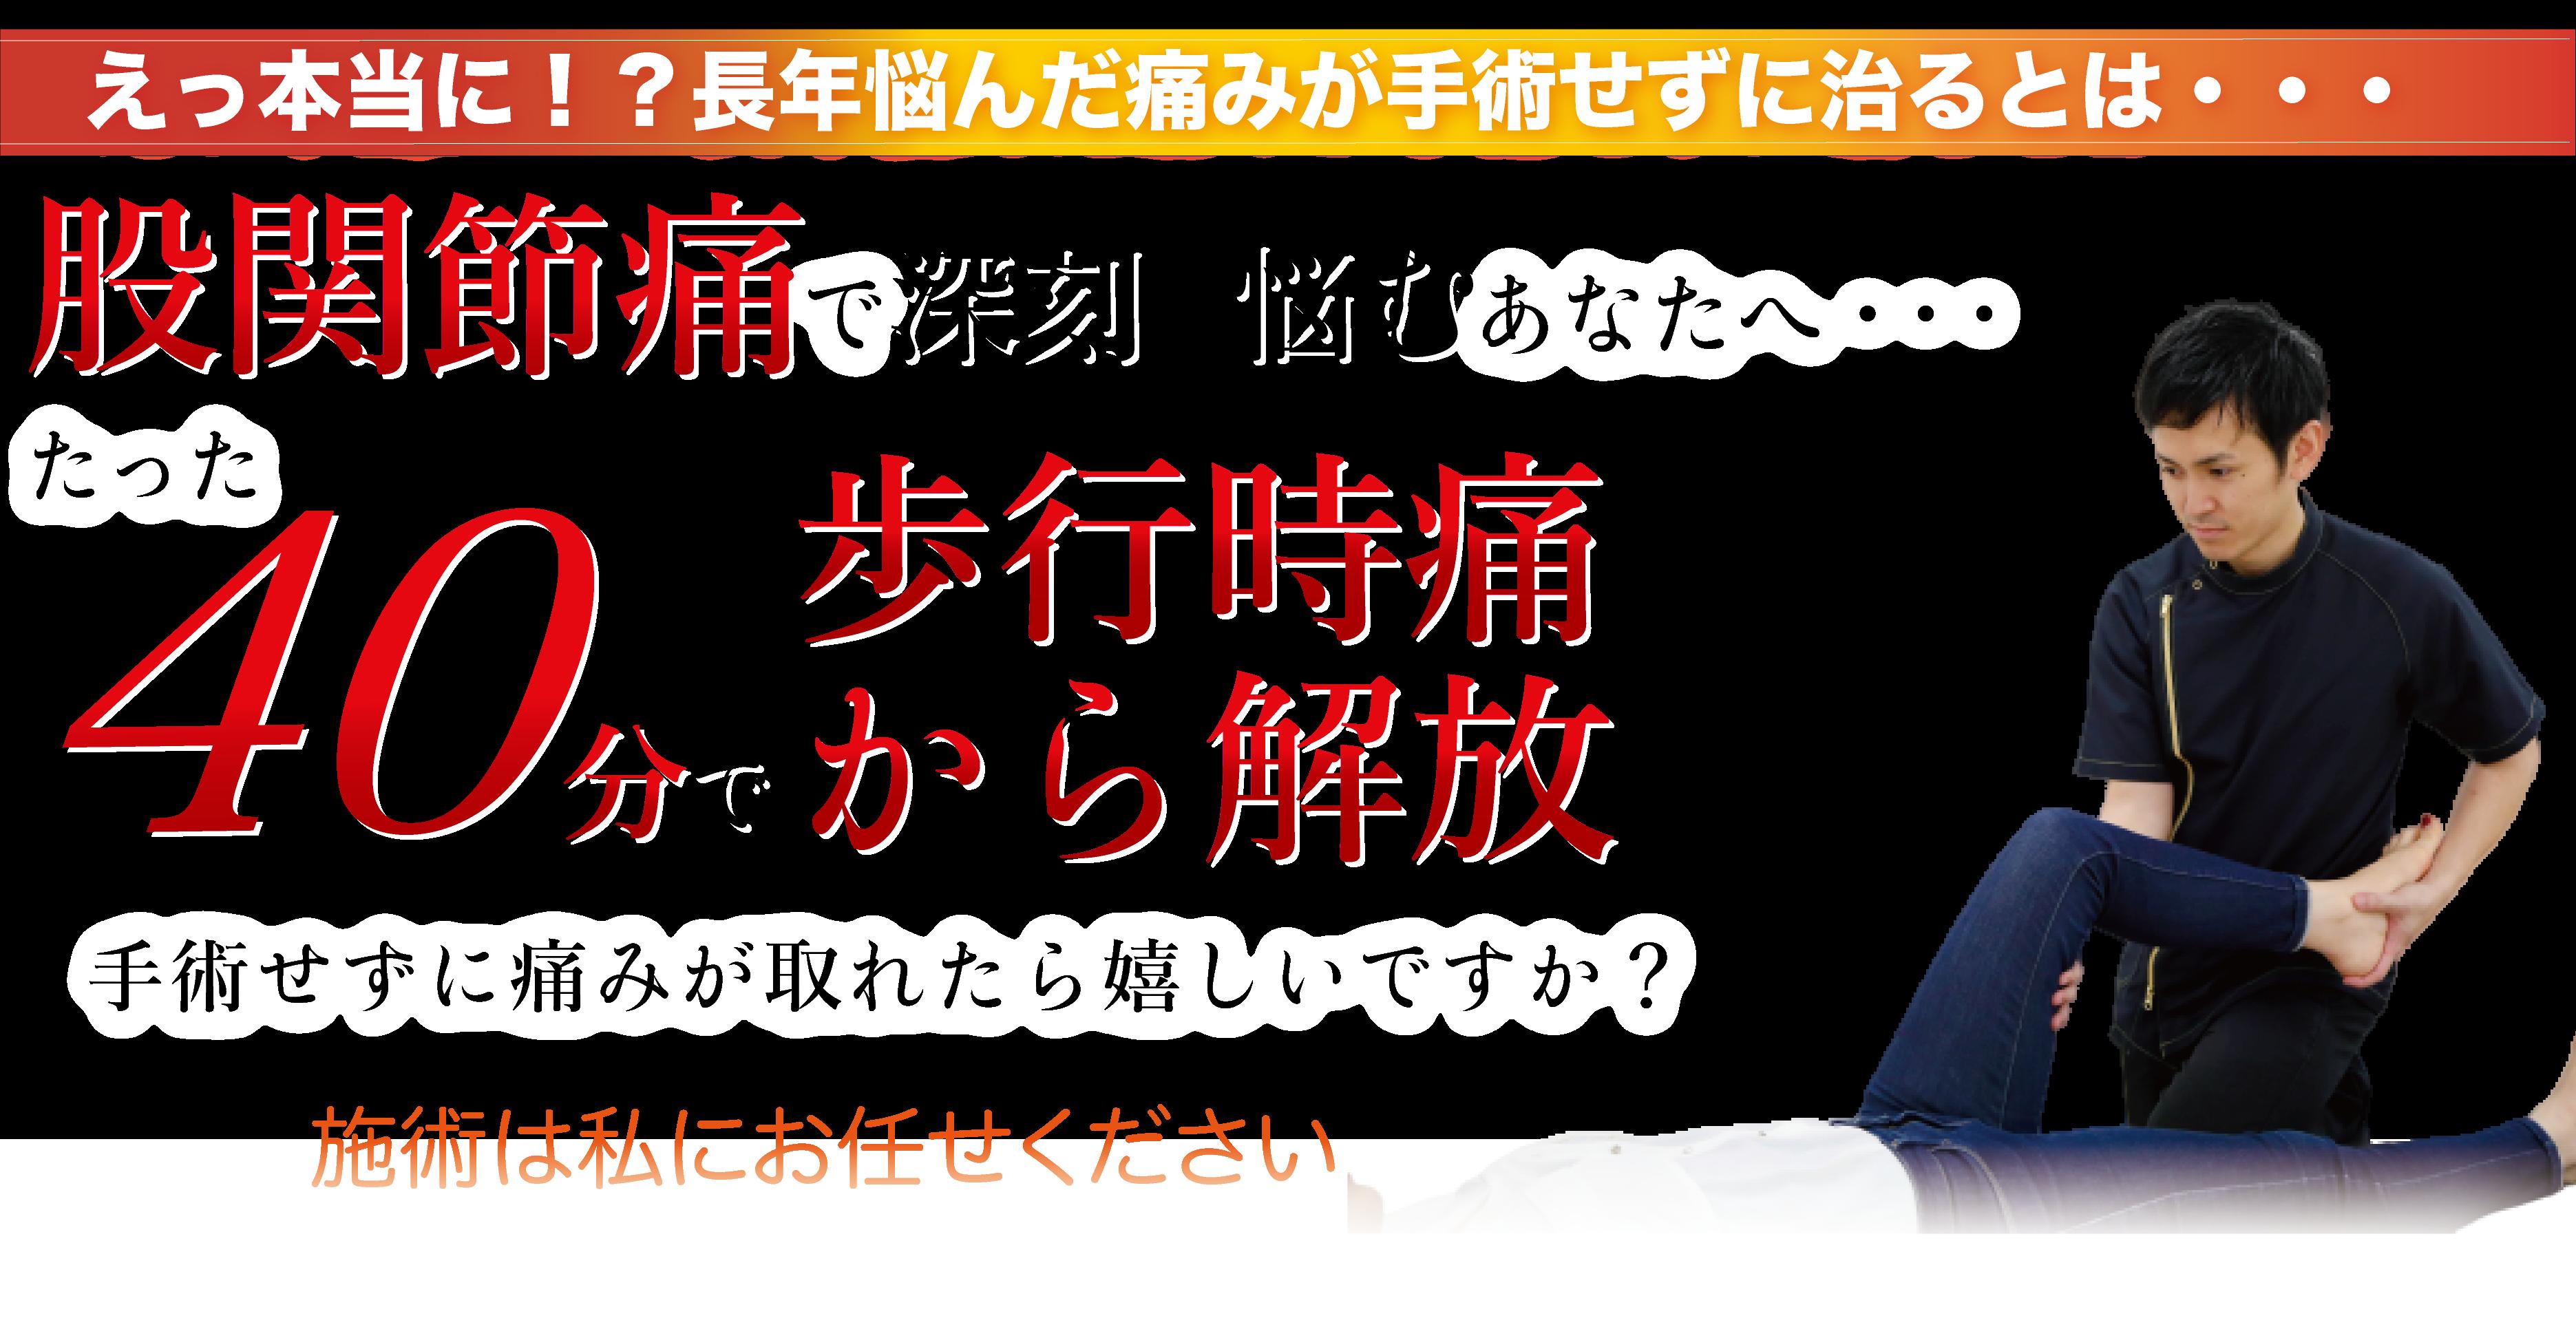 福岡糸島股関節専門整体憲ヘッド